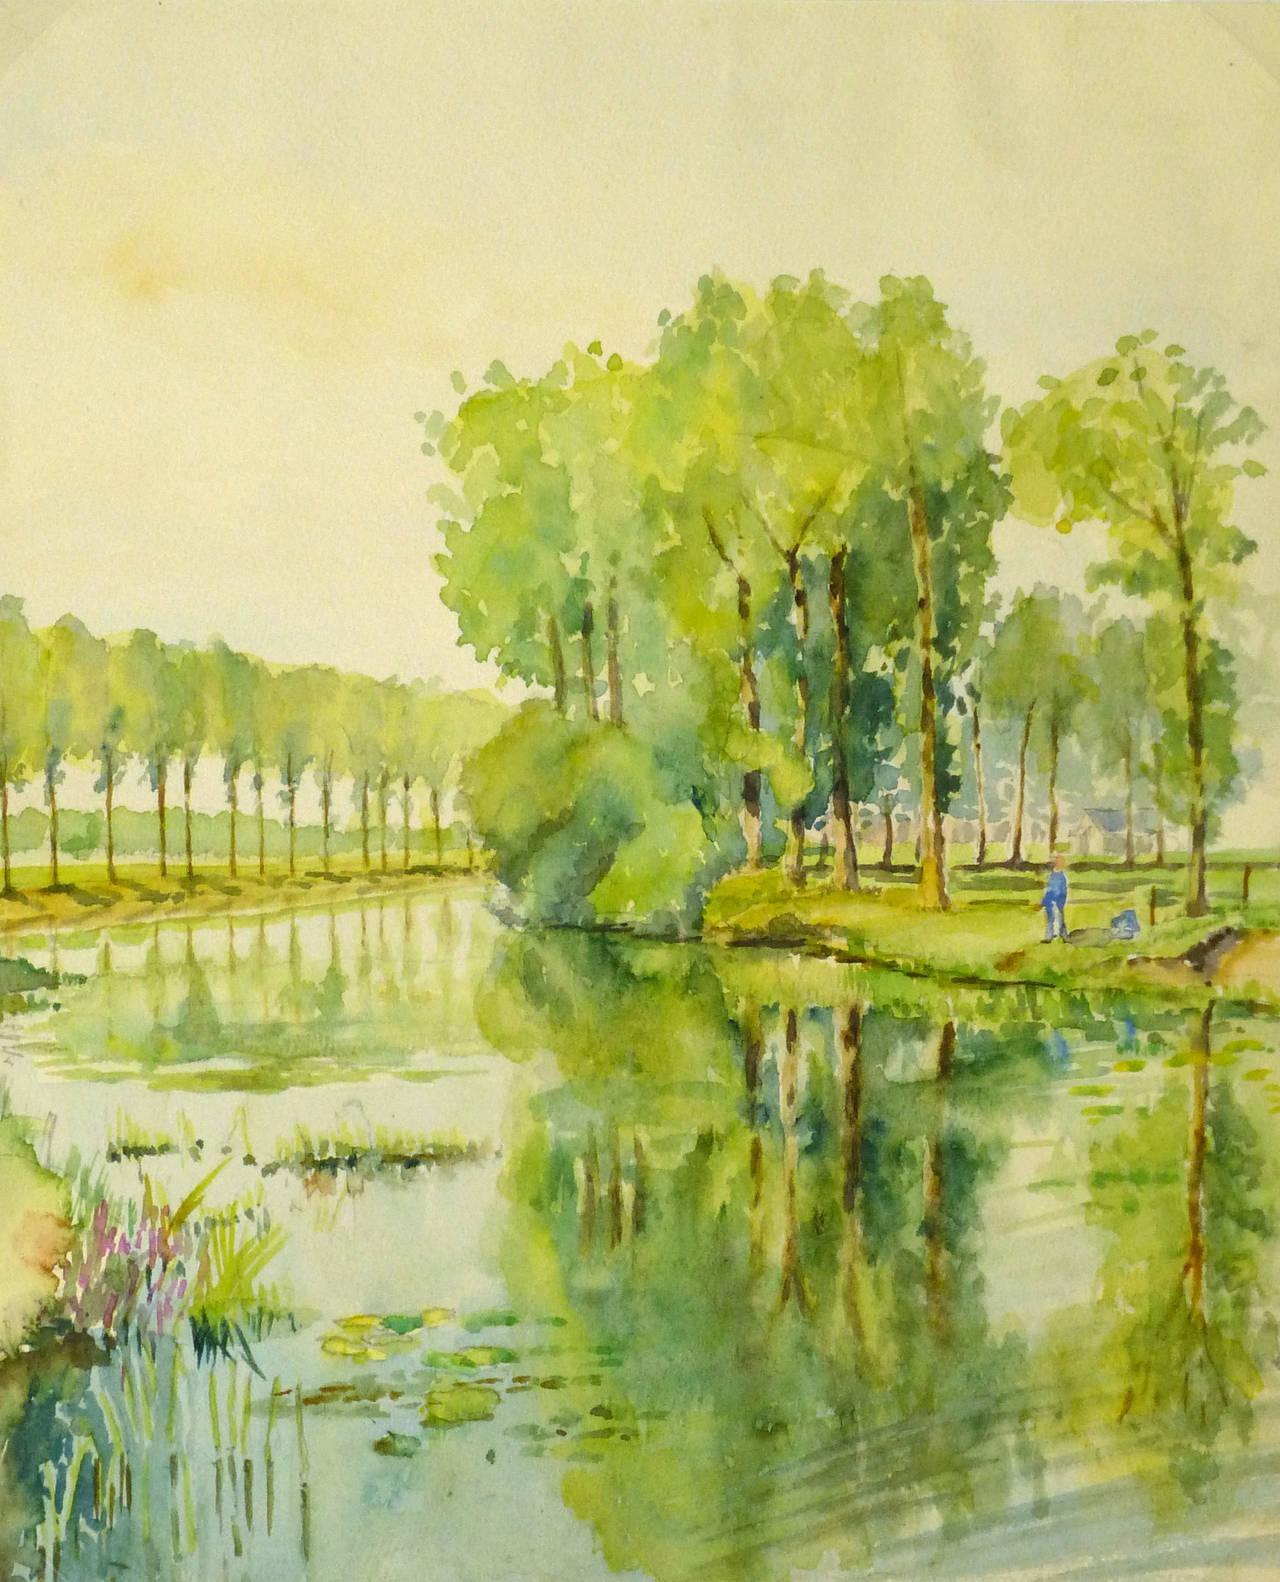 C. Groux Landscape Art - Vintage French Landscape Painting